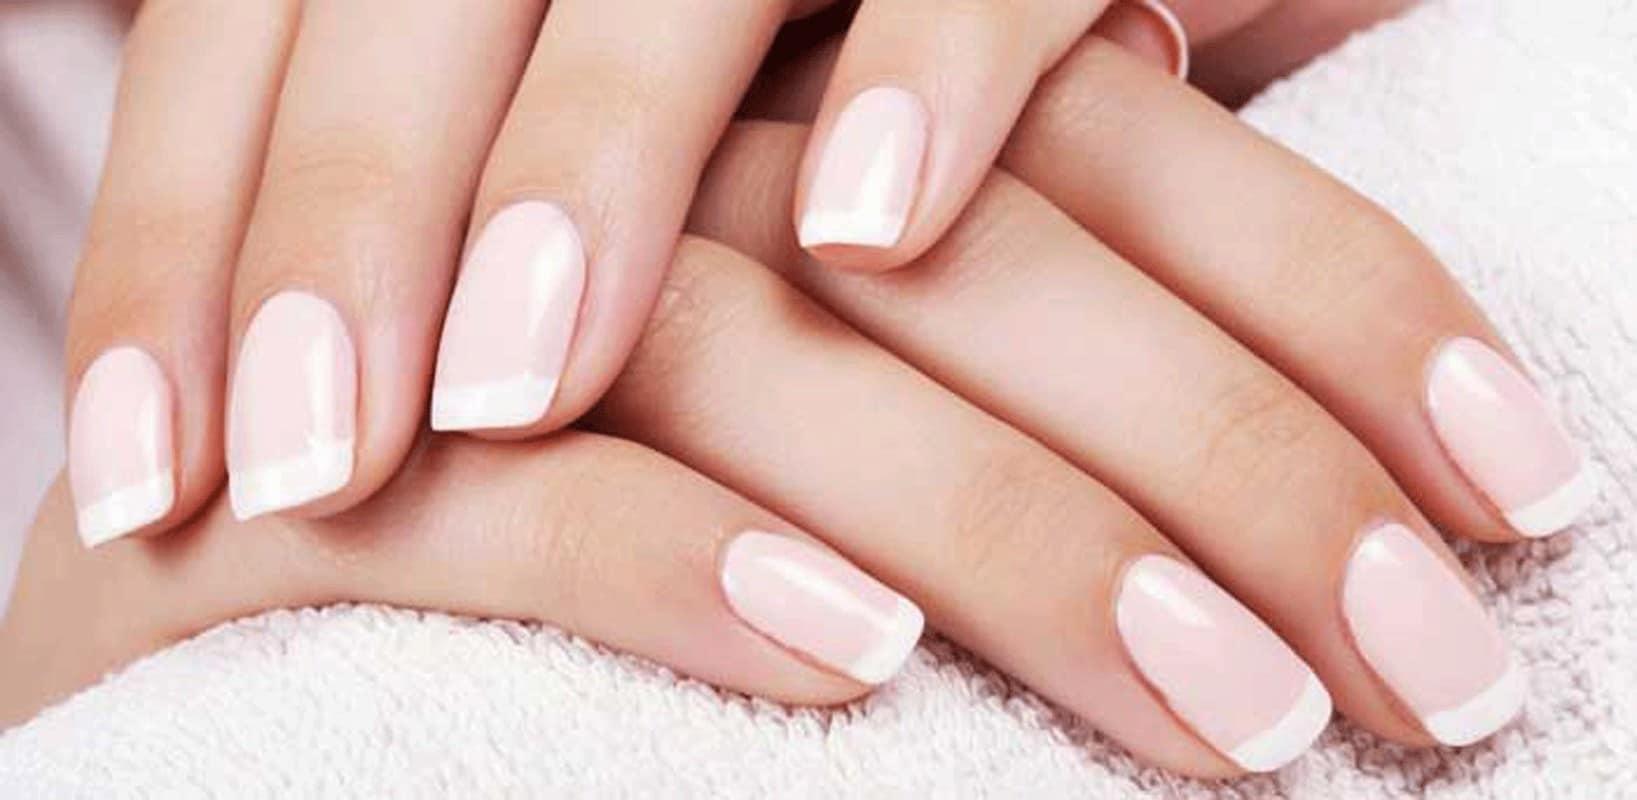 Τα Νύχια Είναι ο Καθρέφτης της Υγείας μας